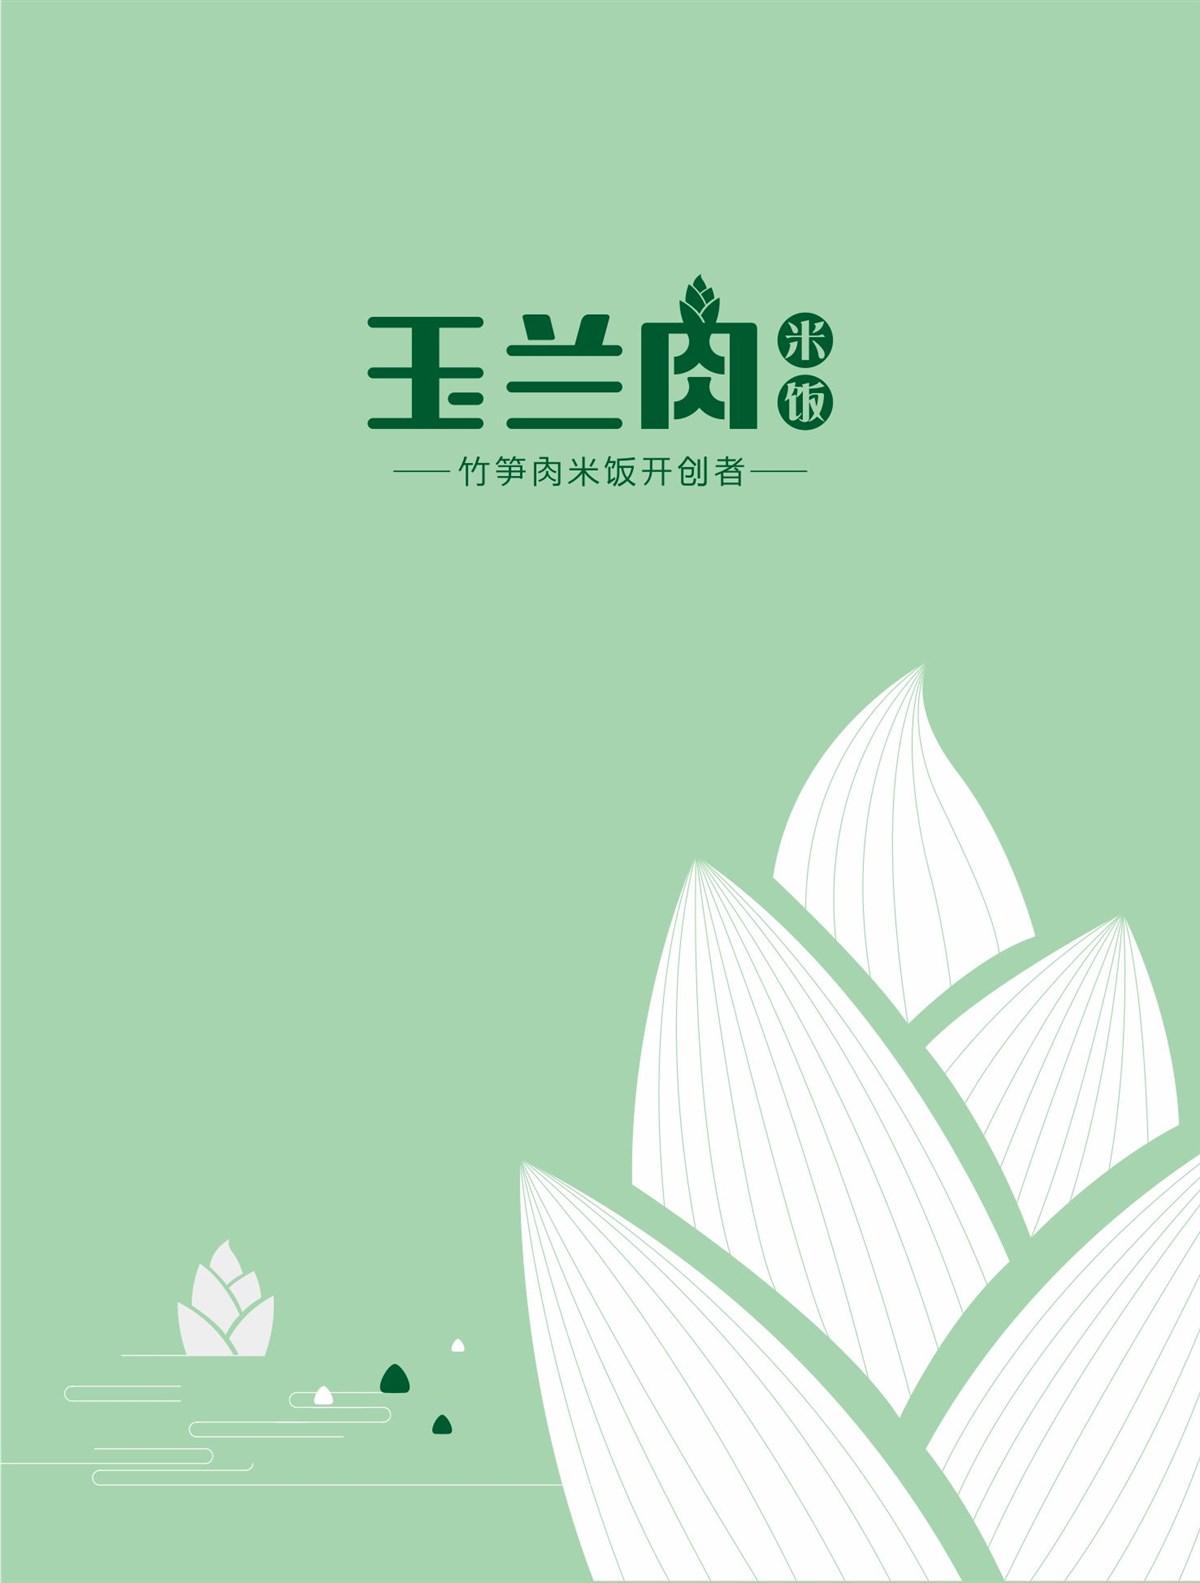 玉兰肉米饭VIS 餐饮品牌设计